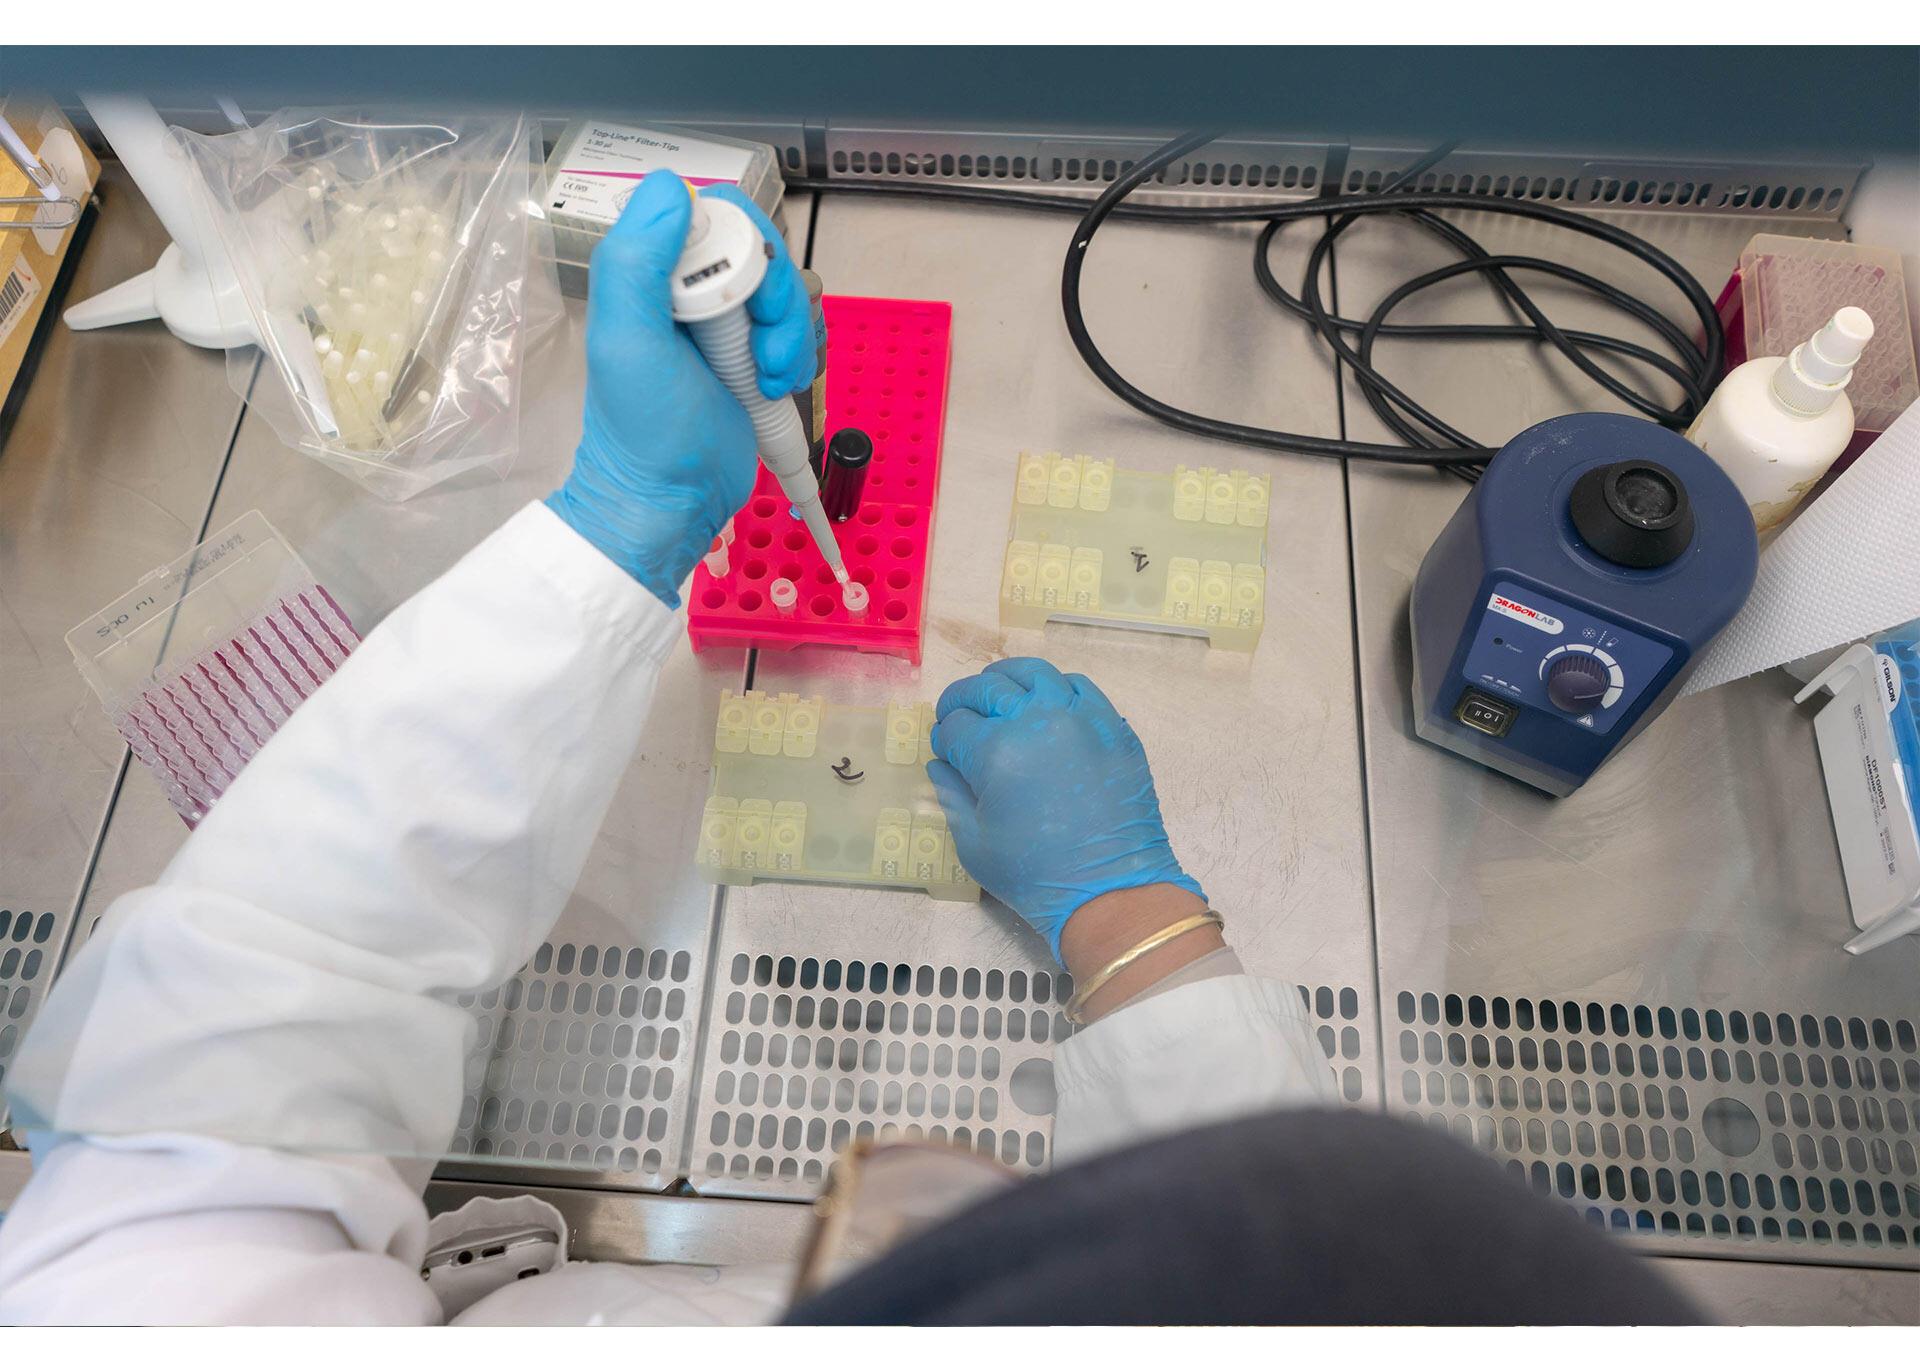 محور دلتا الاسرع انتشارا هل يعيد عقارب الساعة الى الوراء رغم اللقاح ؟